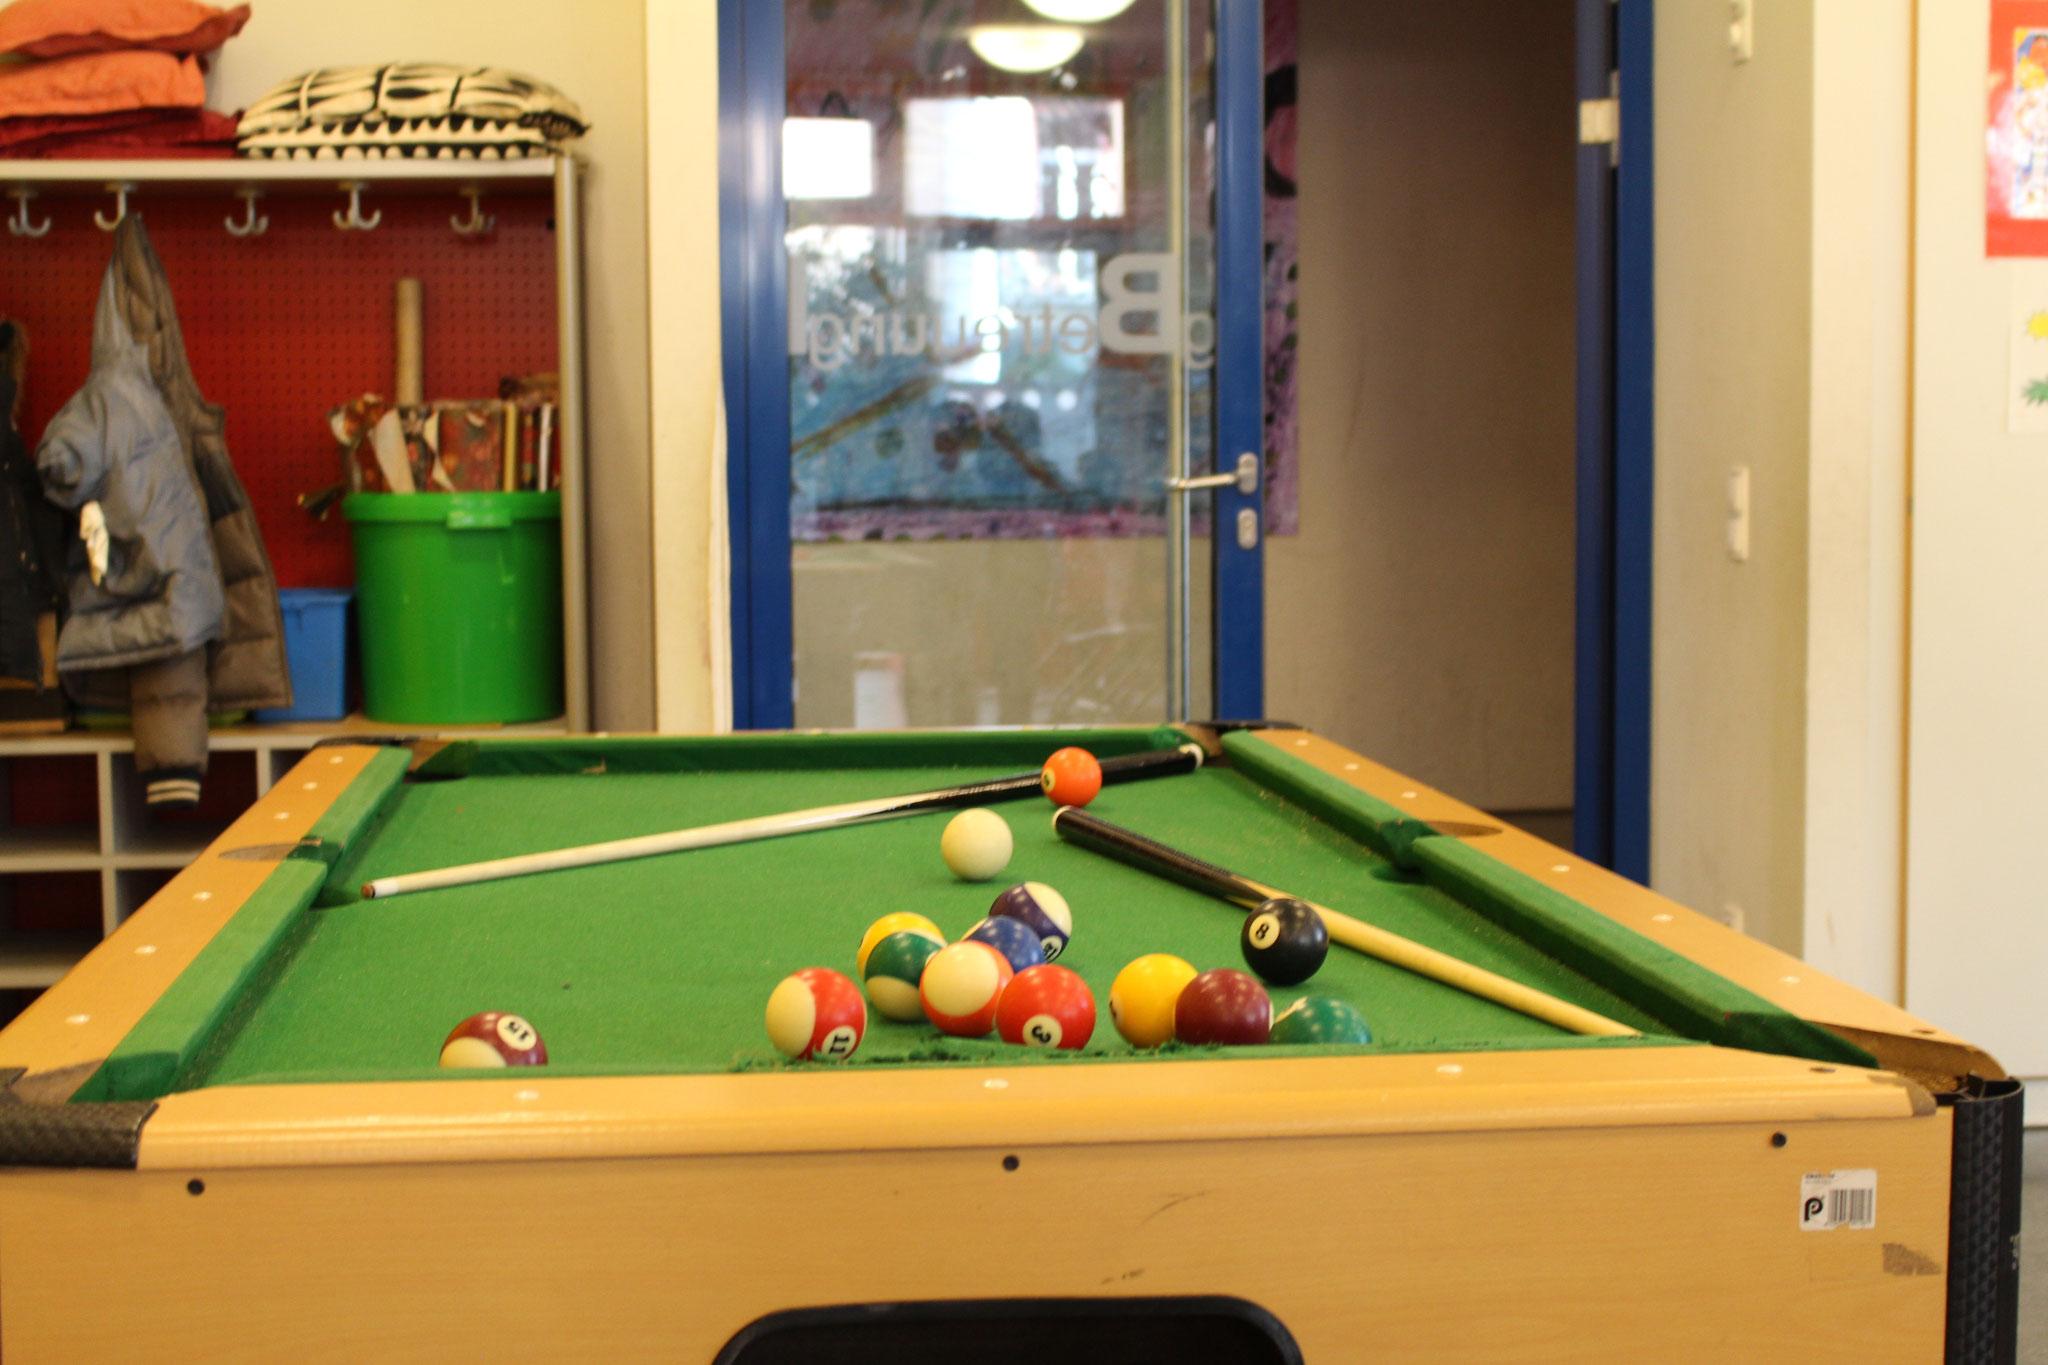 Hier können sich die Kinder beschäftigen,indem sie Billard spielen.  Fotografen:LUKAS,LEANDROS